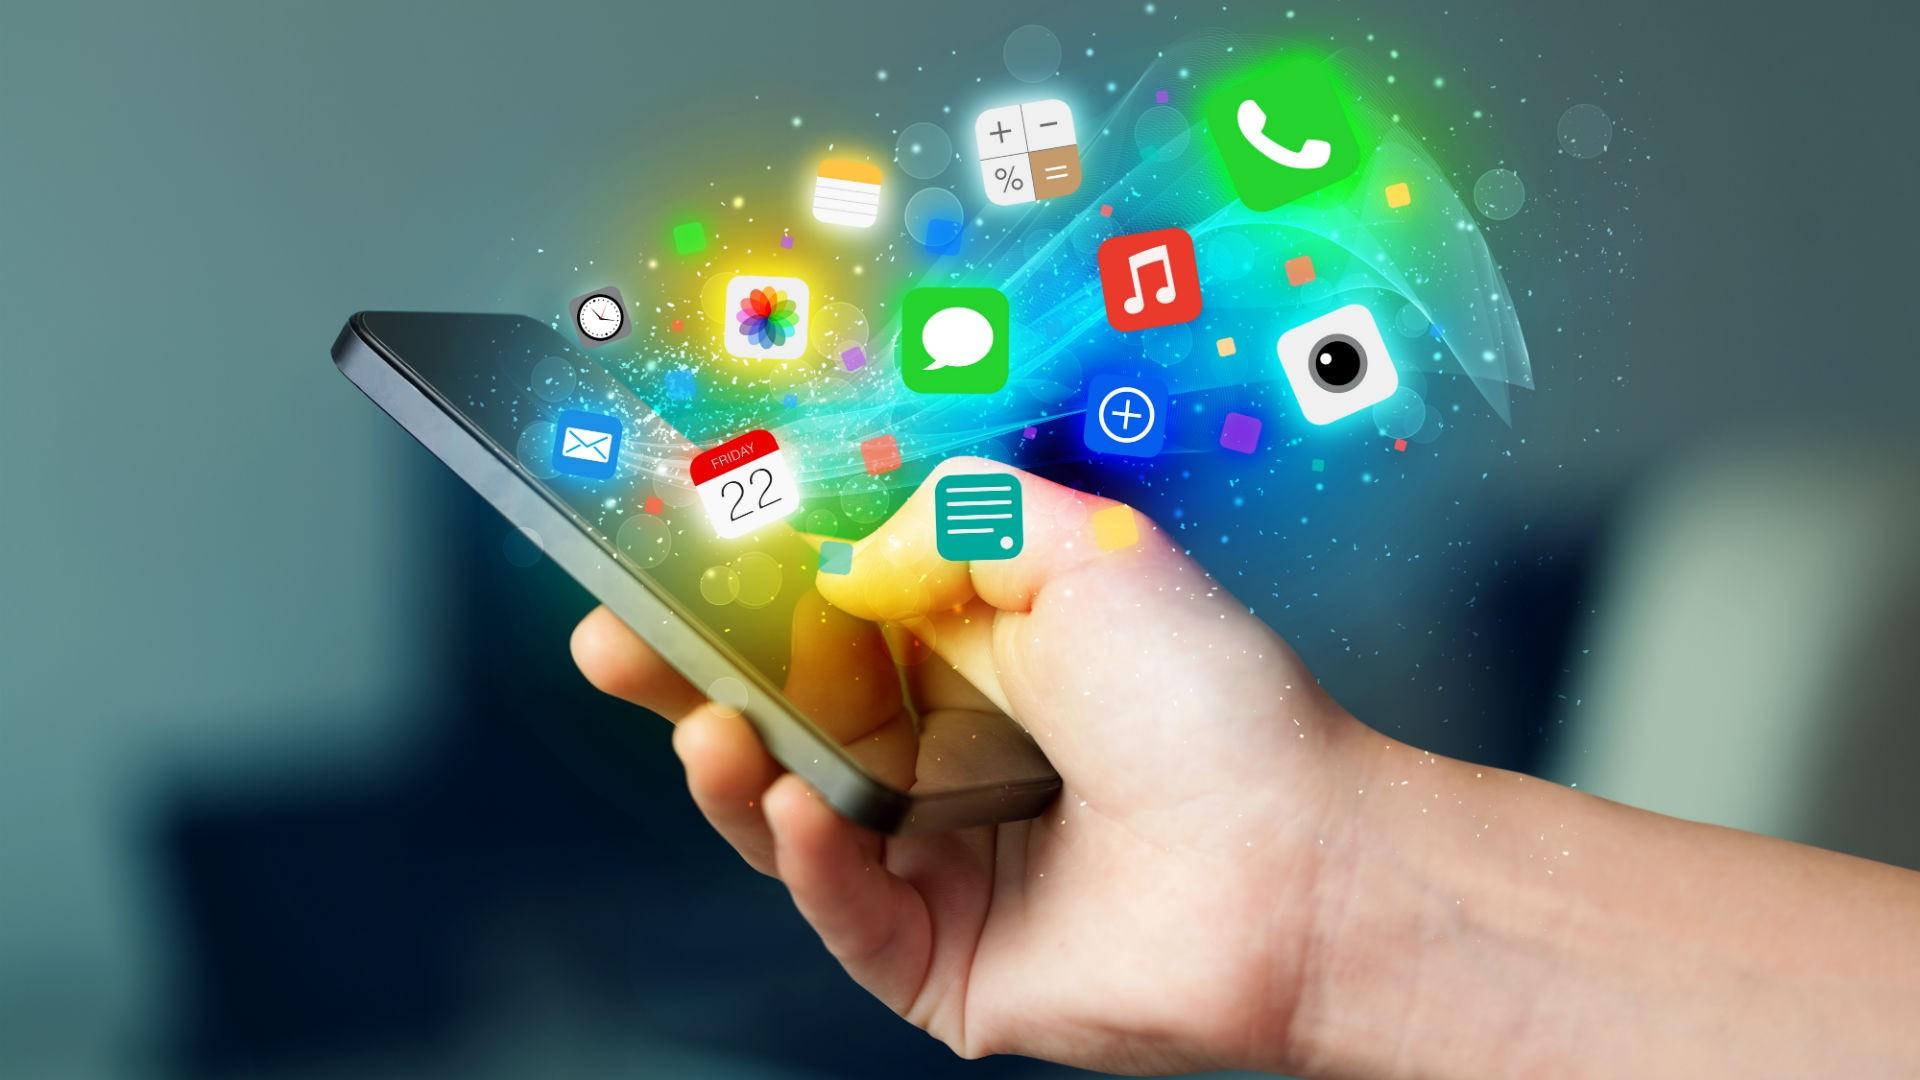 Трафик мобильного интернета вРФ практически удвоился запоследний год